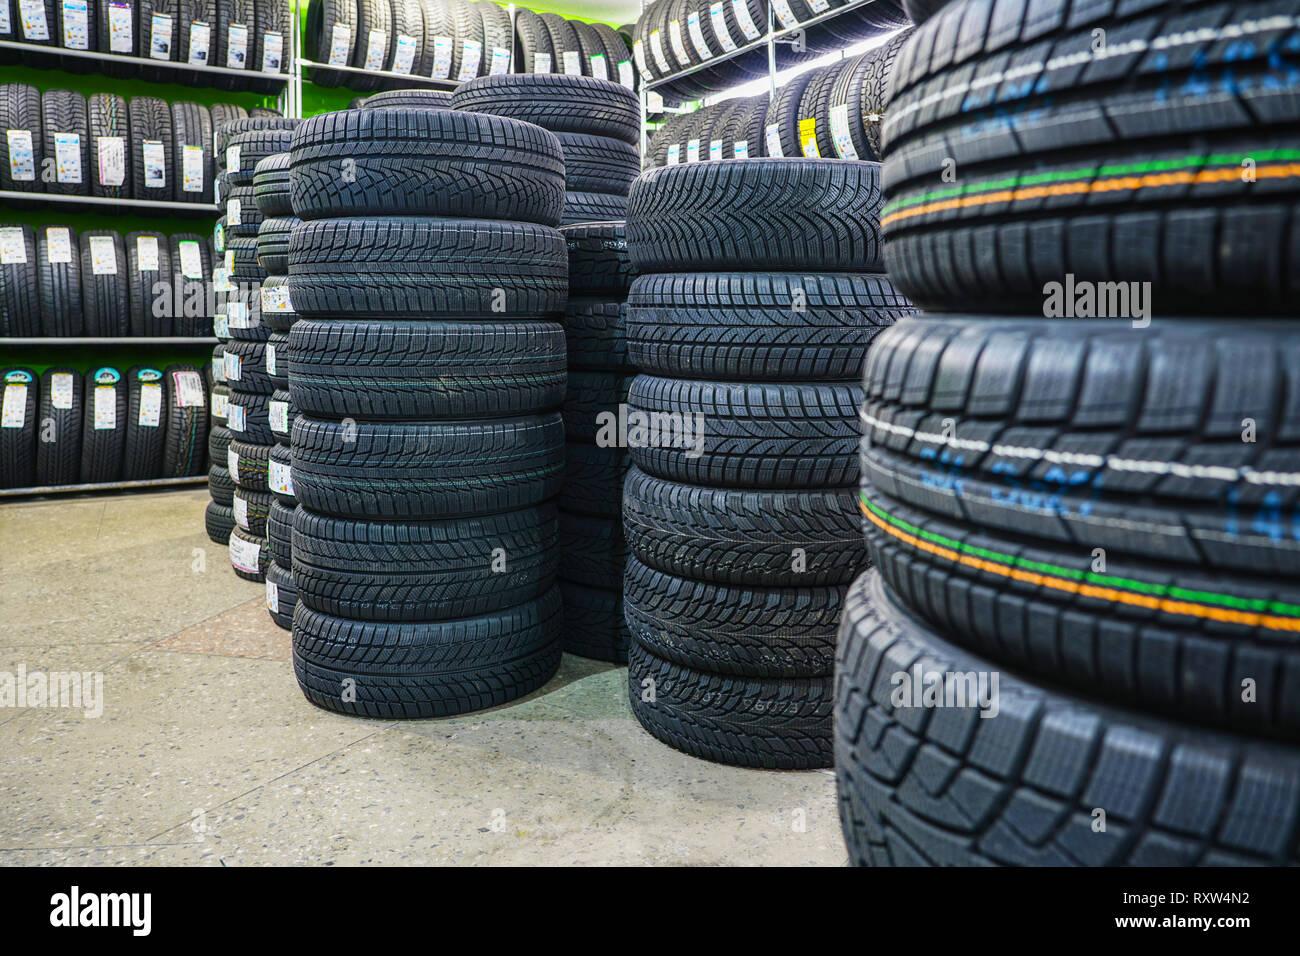 Car Tyres Rack Stock Photos & Car Tyres Rack Stock Images - Alamy